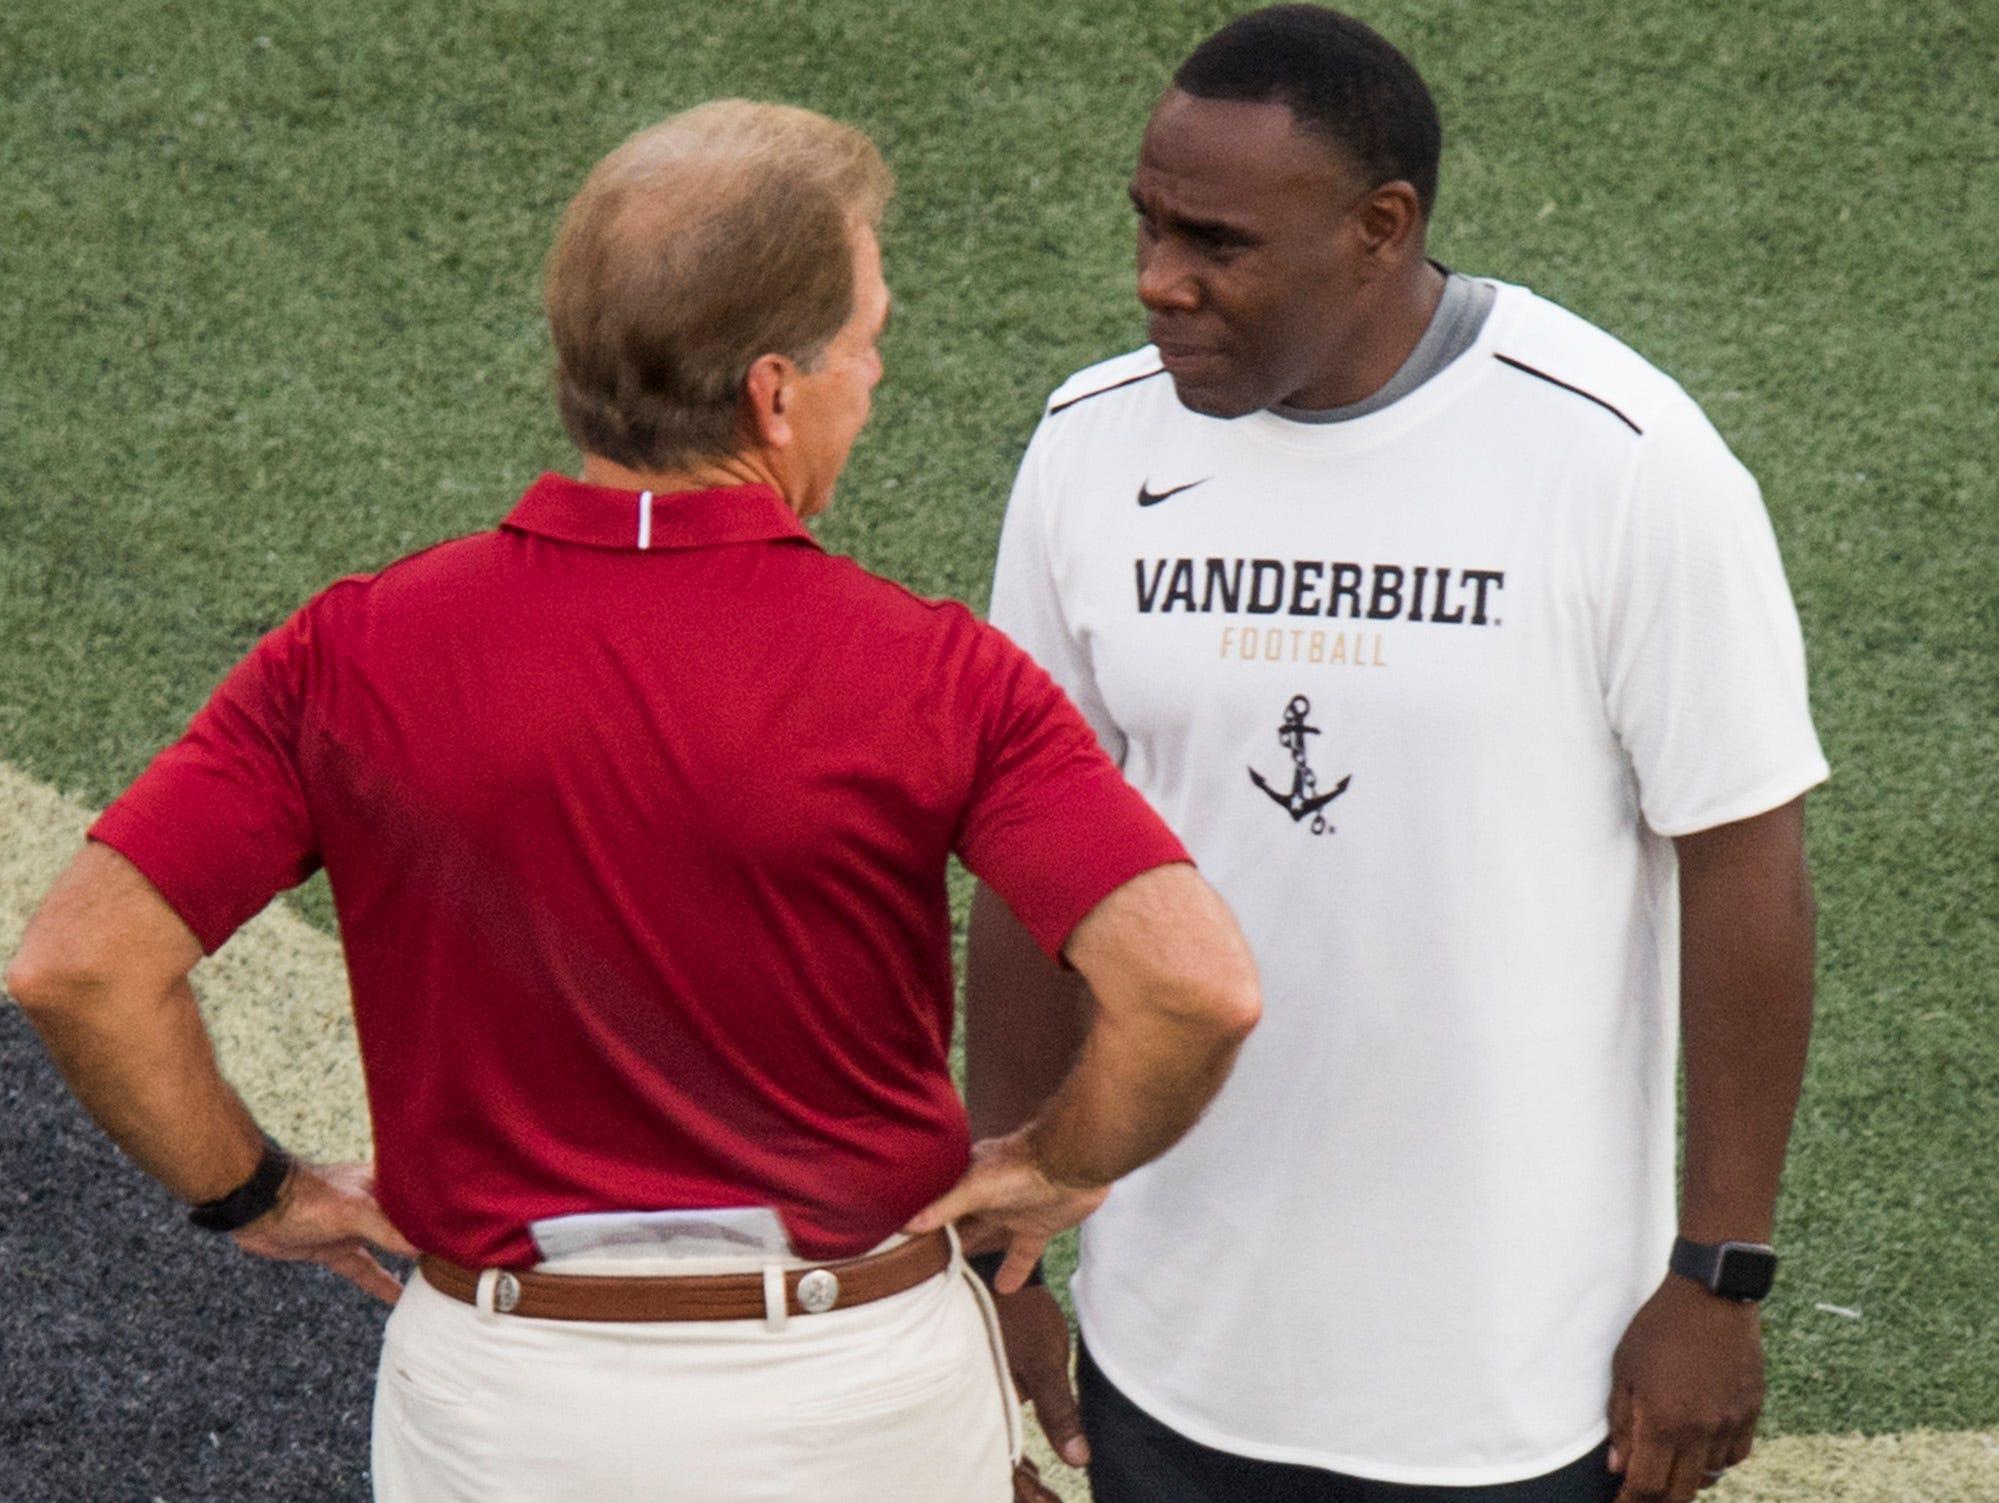 Alabama head coach Nick Saban chats with Vanderbilt head coach Derek Mason during warm ups at Vanderbilt Stadium in Nashville, Tenn. on Saturday September 23, 2017. (Mickey Welsh / Montgomery Advertiser)